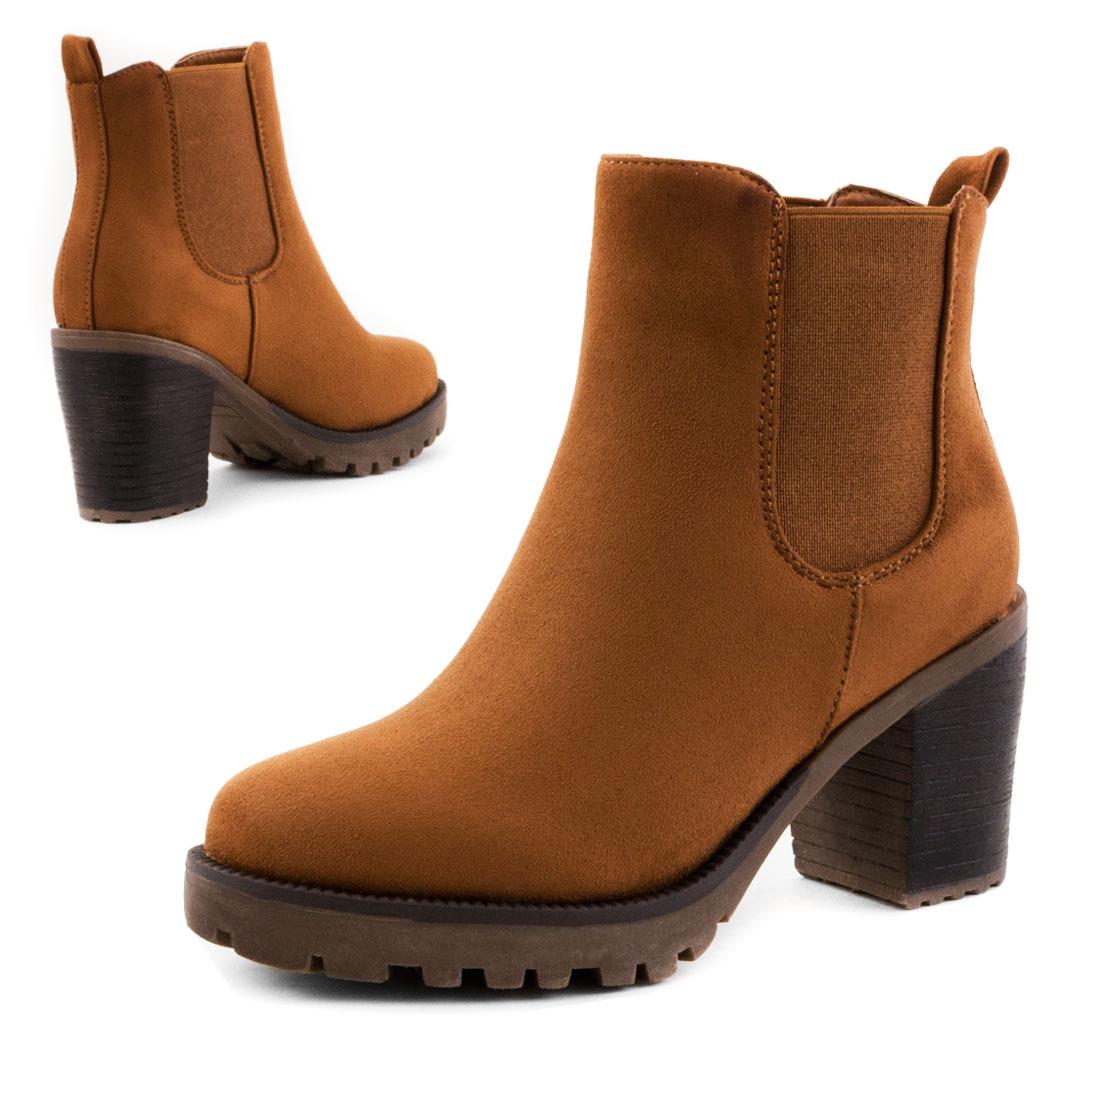 neu damen kurzschaft stiefeletten plateau boots schuhe gr 36 37 38 39 40 41 ebay. Black Bedroom Furniture Sets. Home Design Ideas